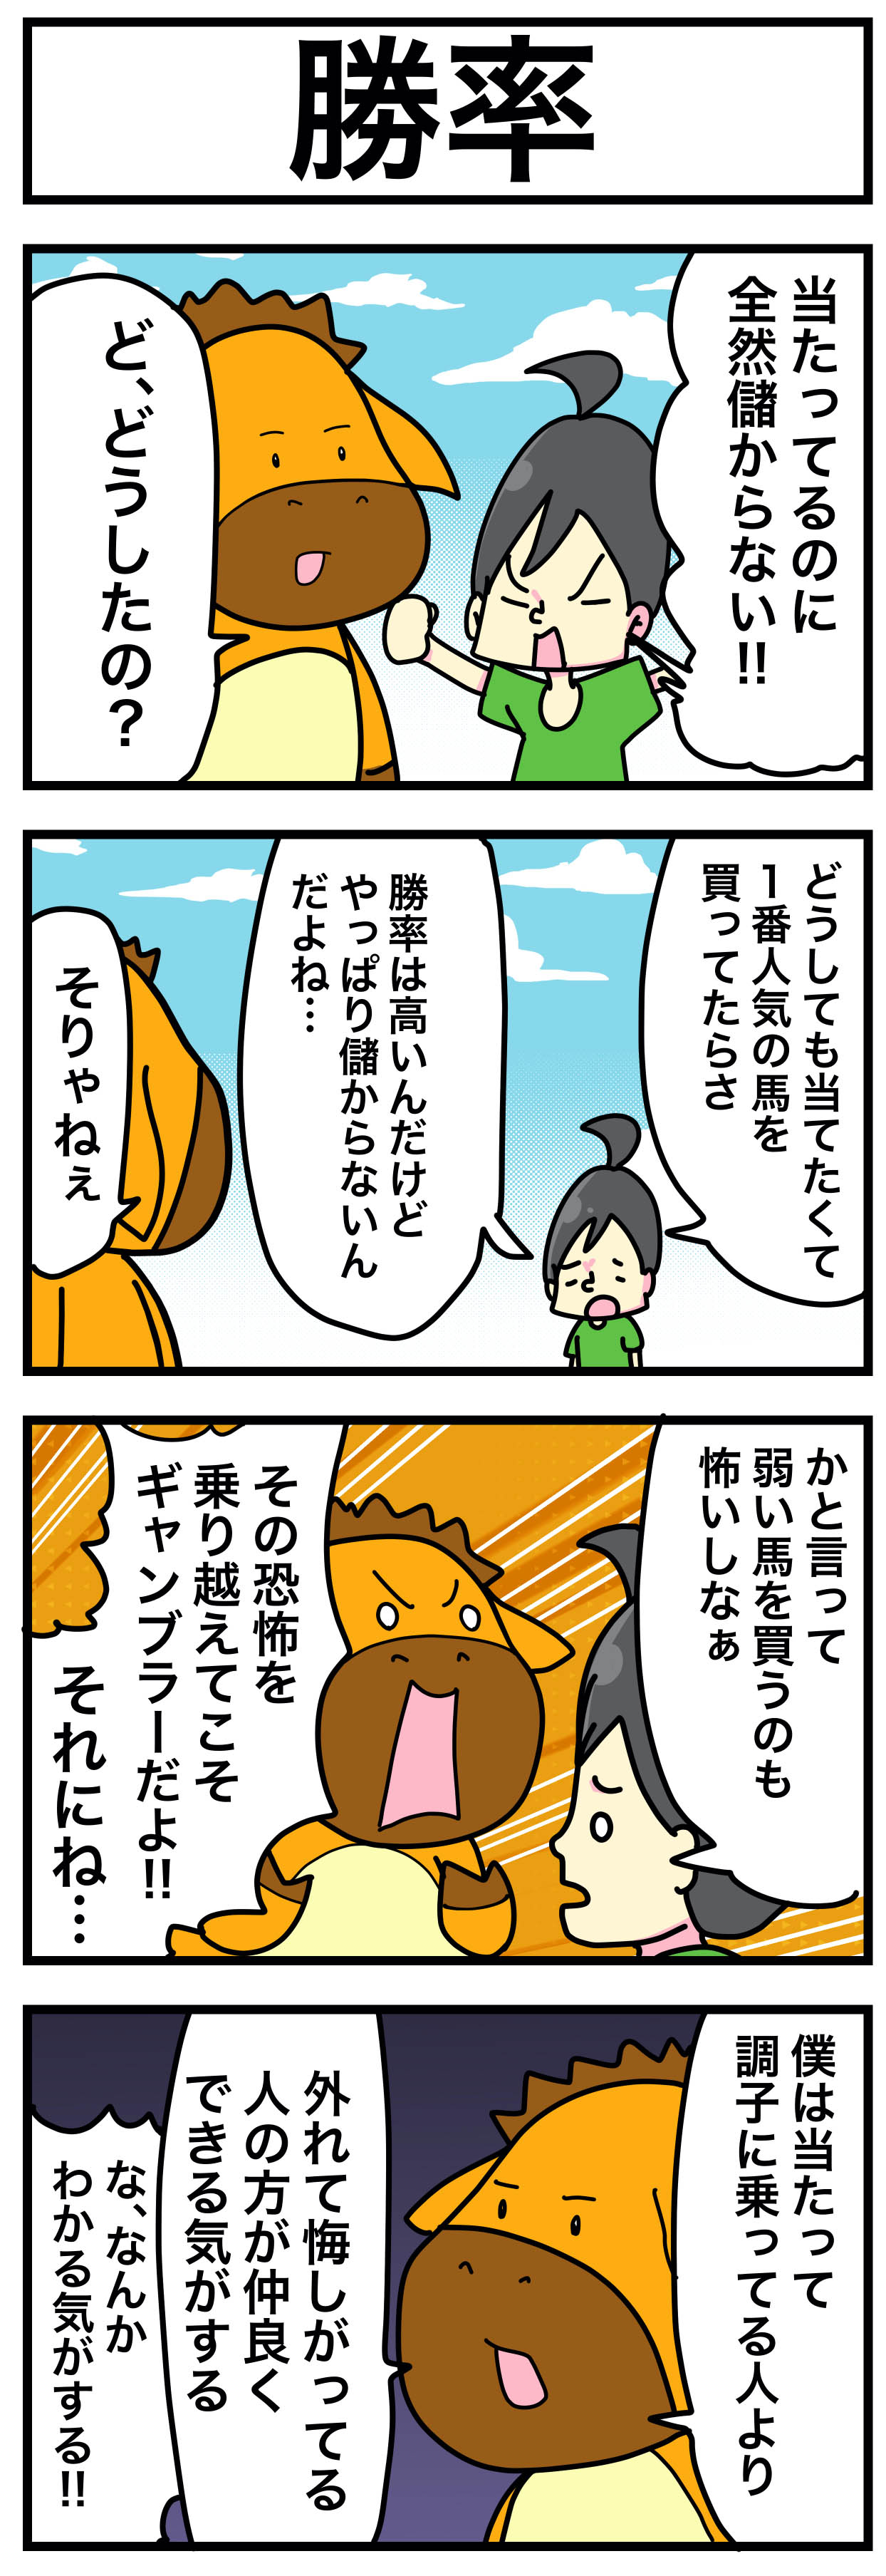 勝率【うま吉の鉄板穴馬マンガ】